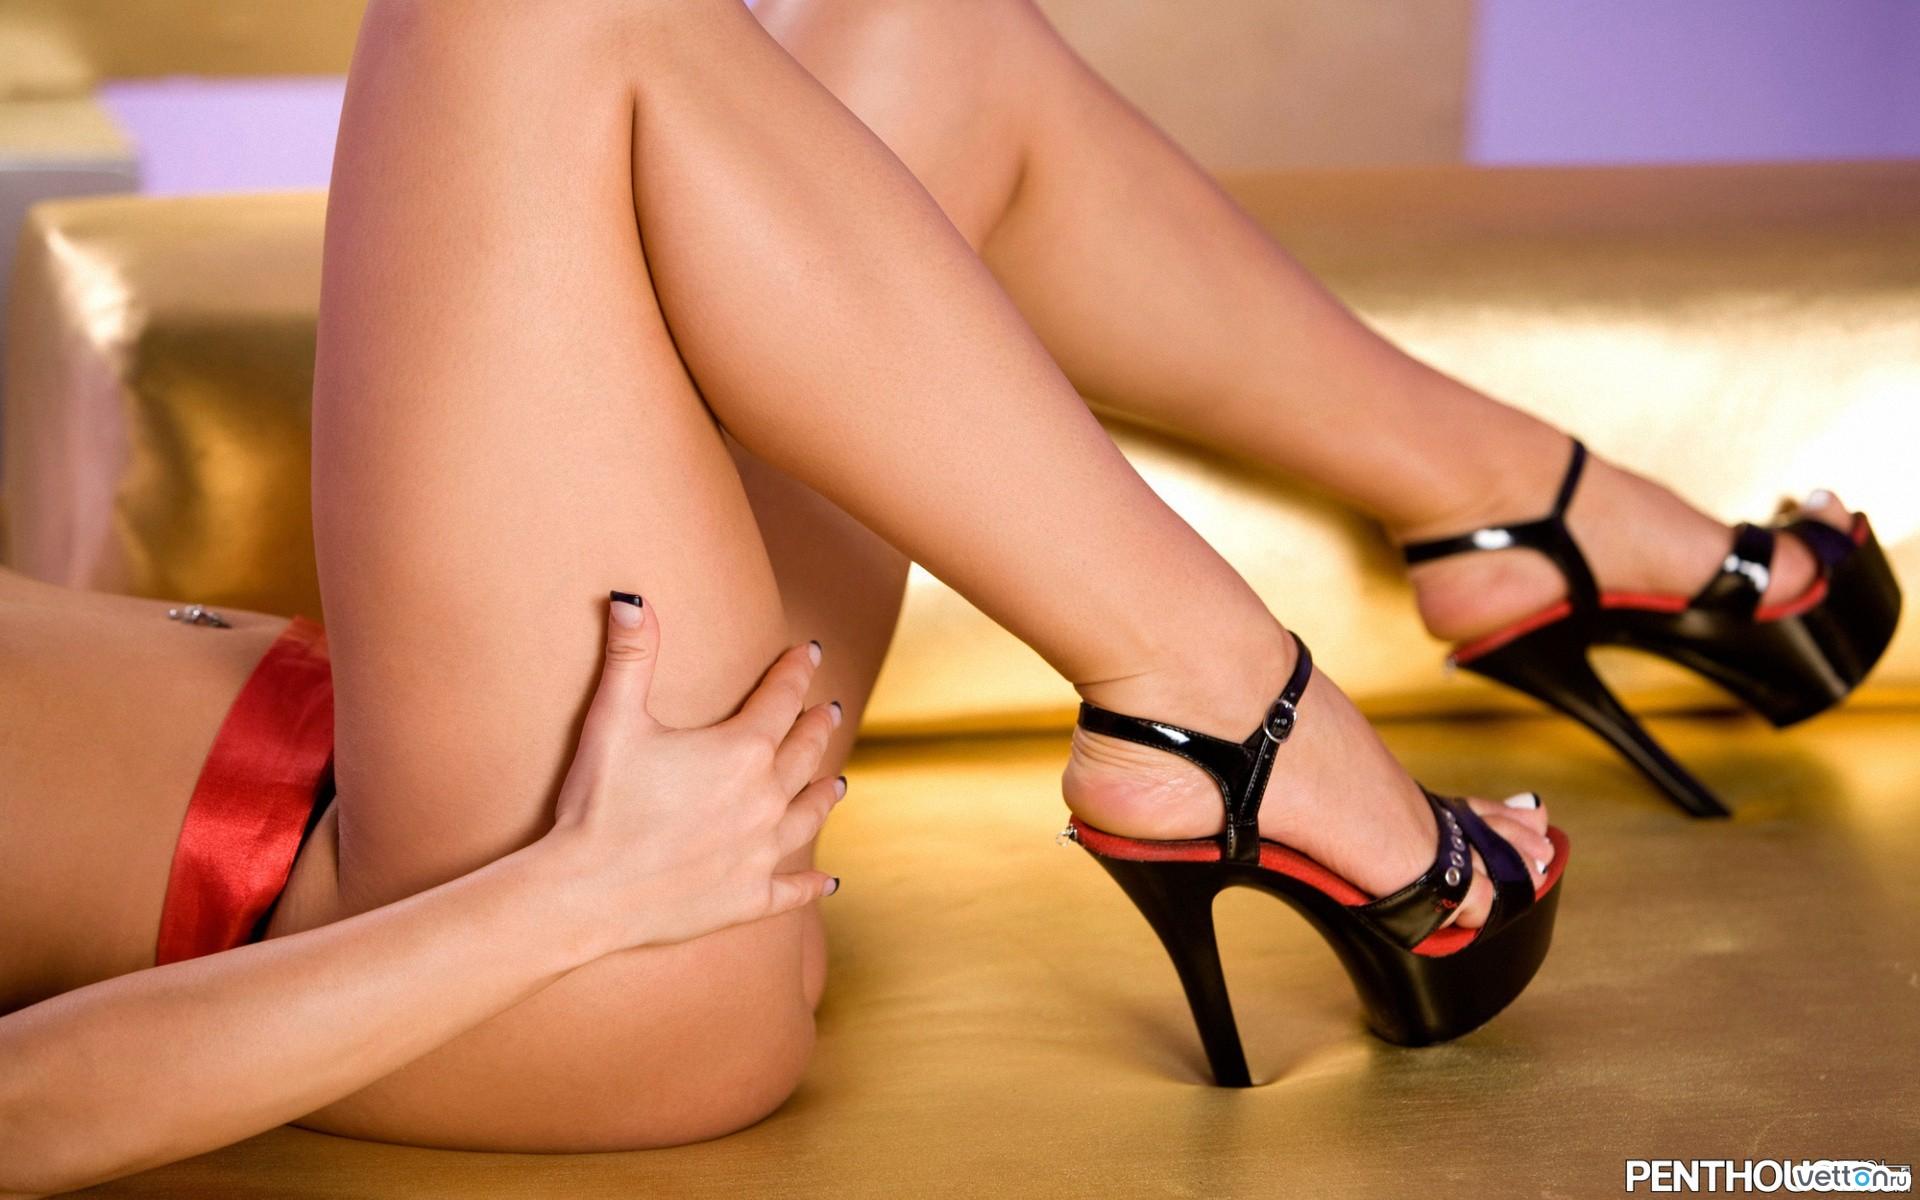 Смотреть онлайн женские ножки 19 фотография